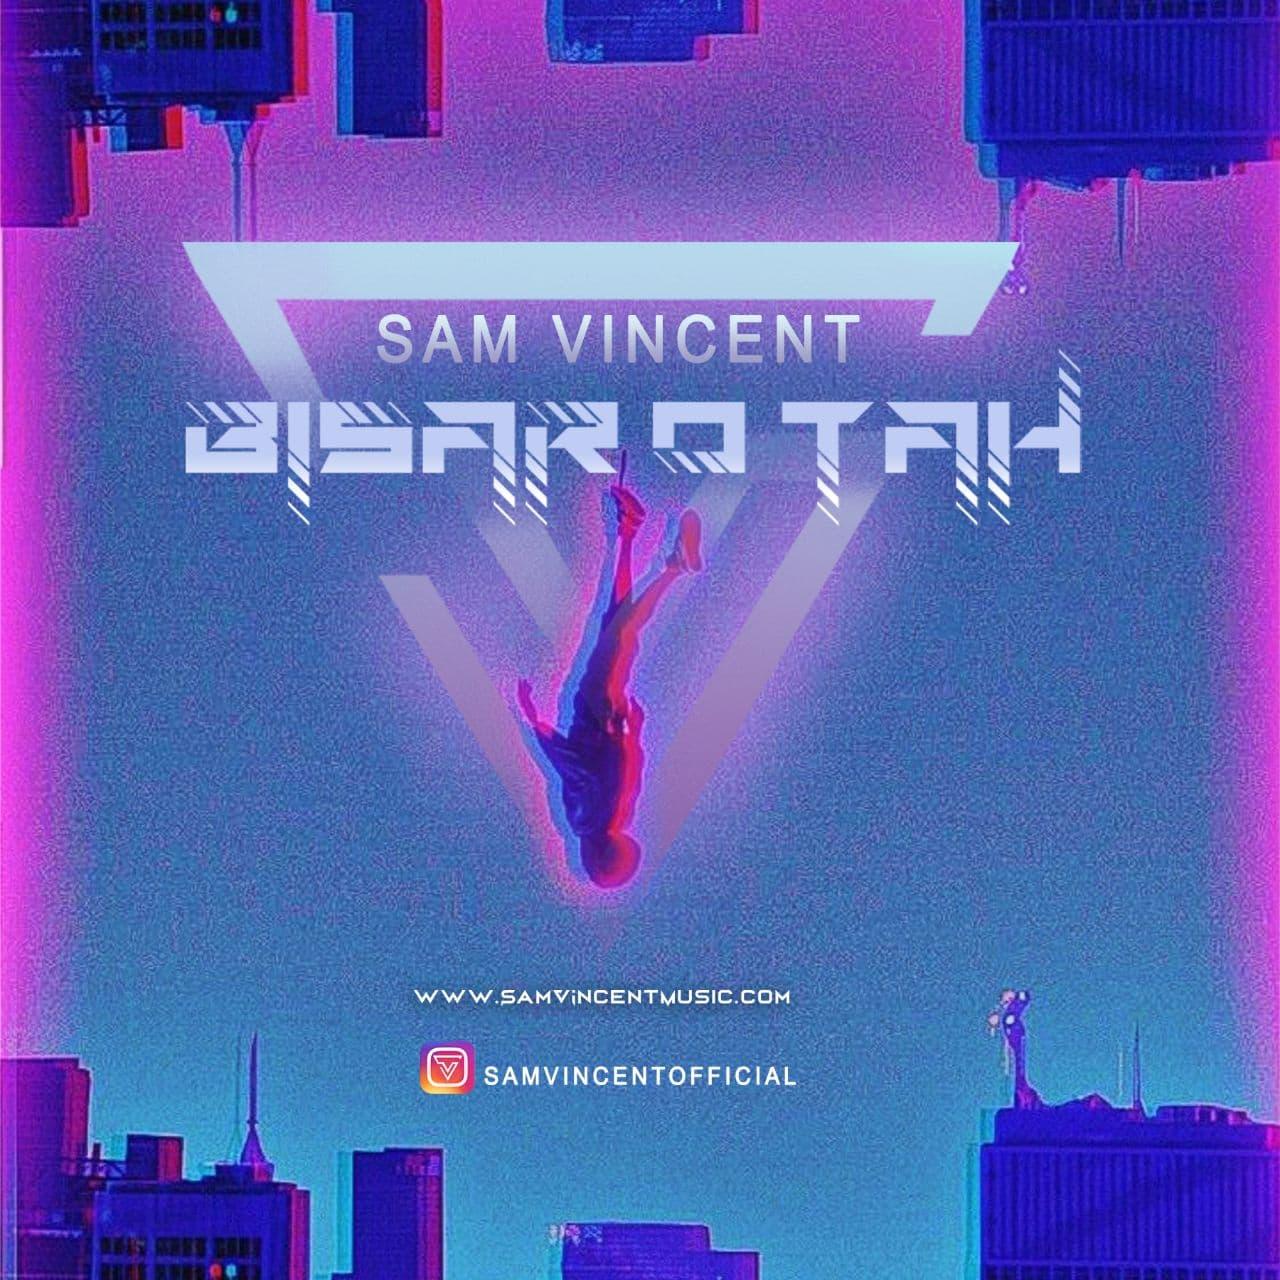 Sam Vincent – Bi Saro Tah